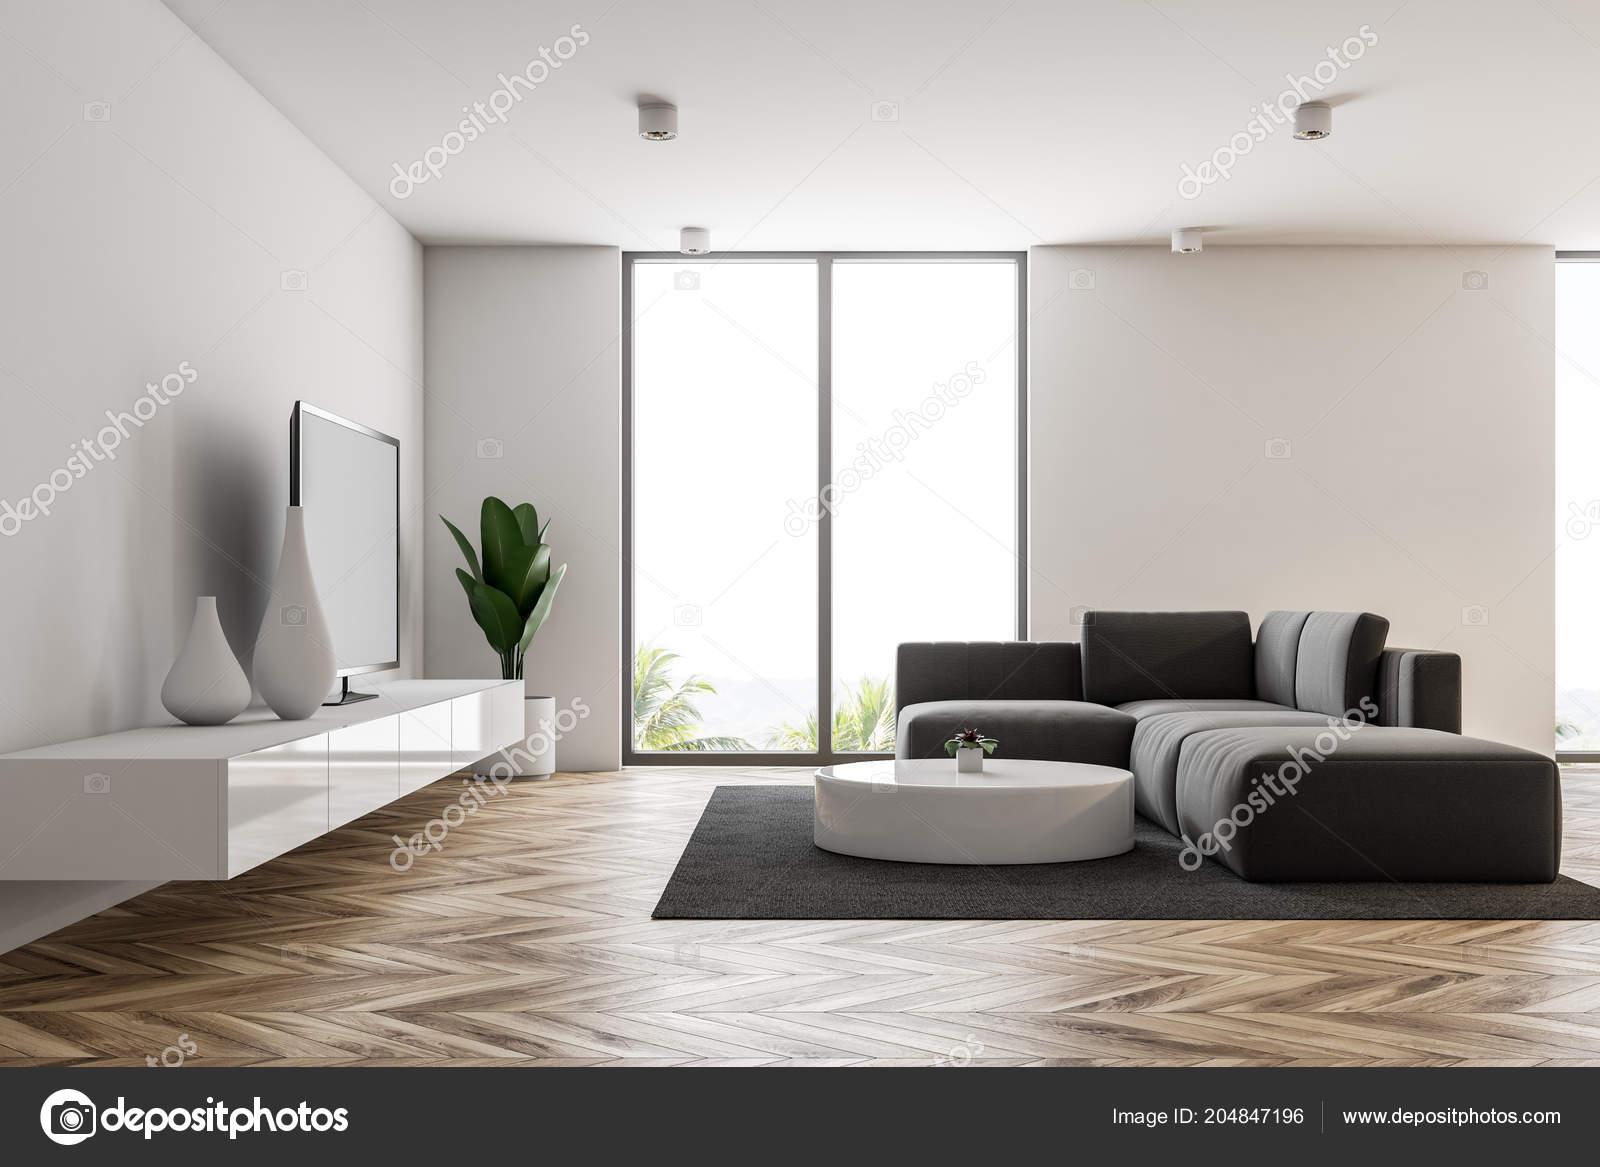 Weiße Moderne Wohnzimmer Interieur Mit Loft Fenster Einen ...